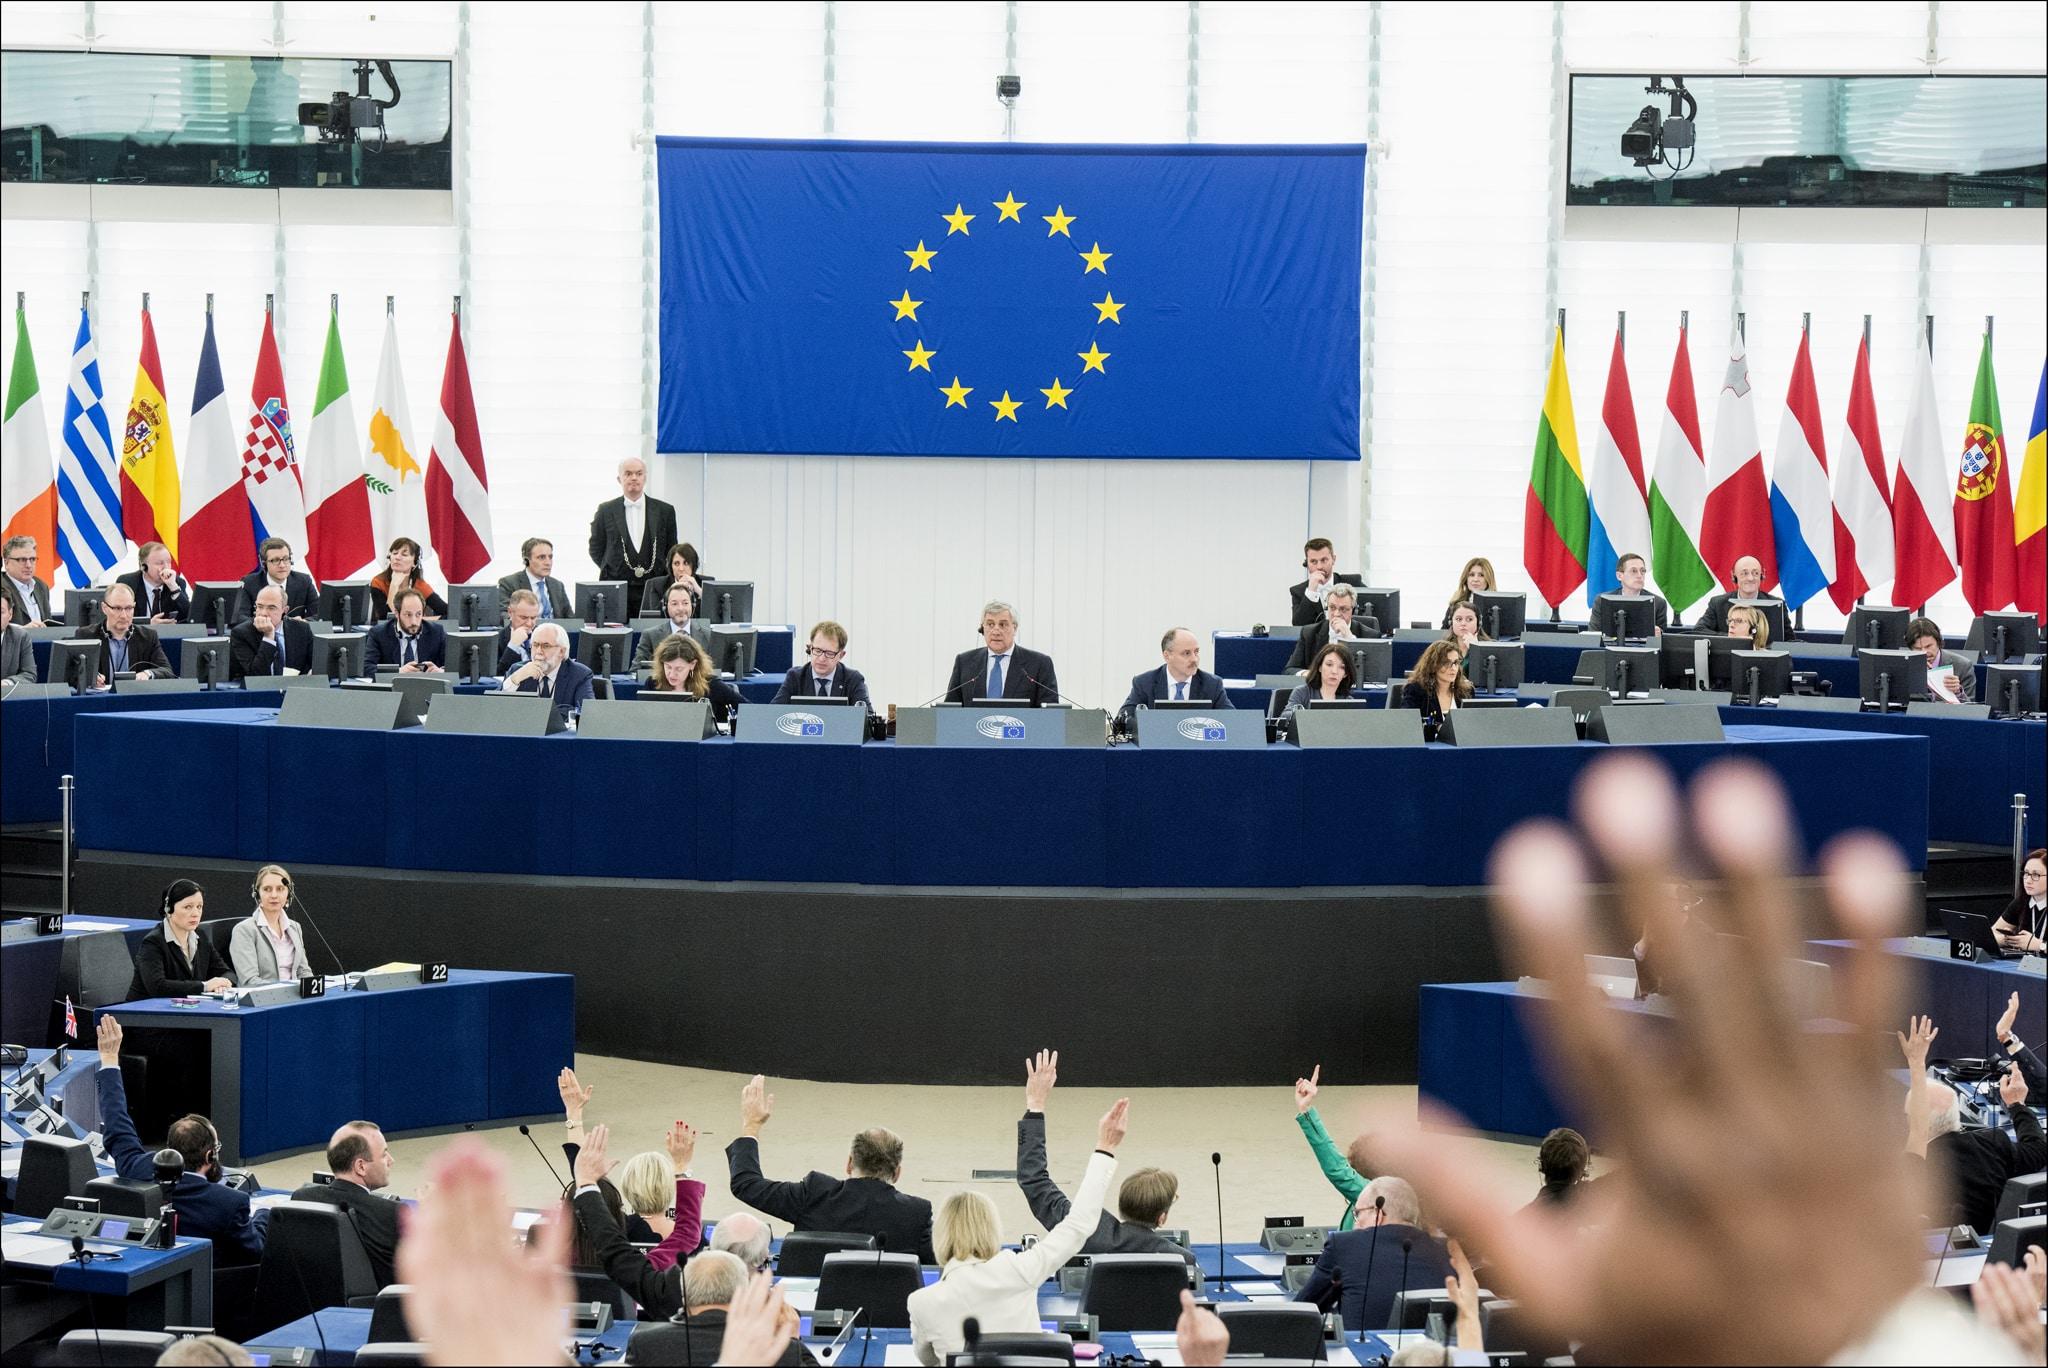 Omröstning i EU-parlamentet. Frågor som art- och habitatdirektiv har stor påverkan på den svenska jakten. Foto: Pietro Naj-Oleari